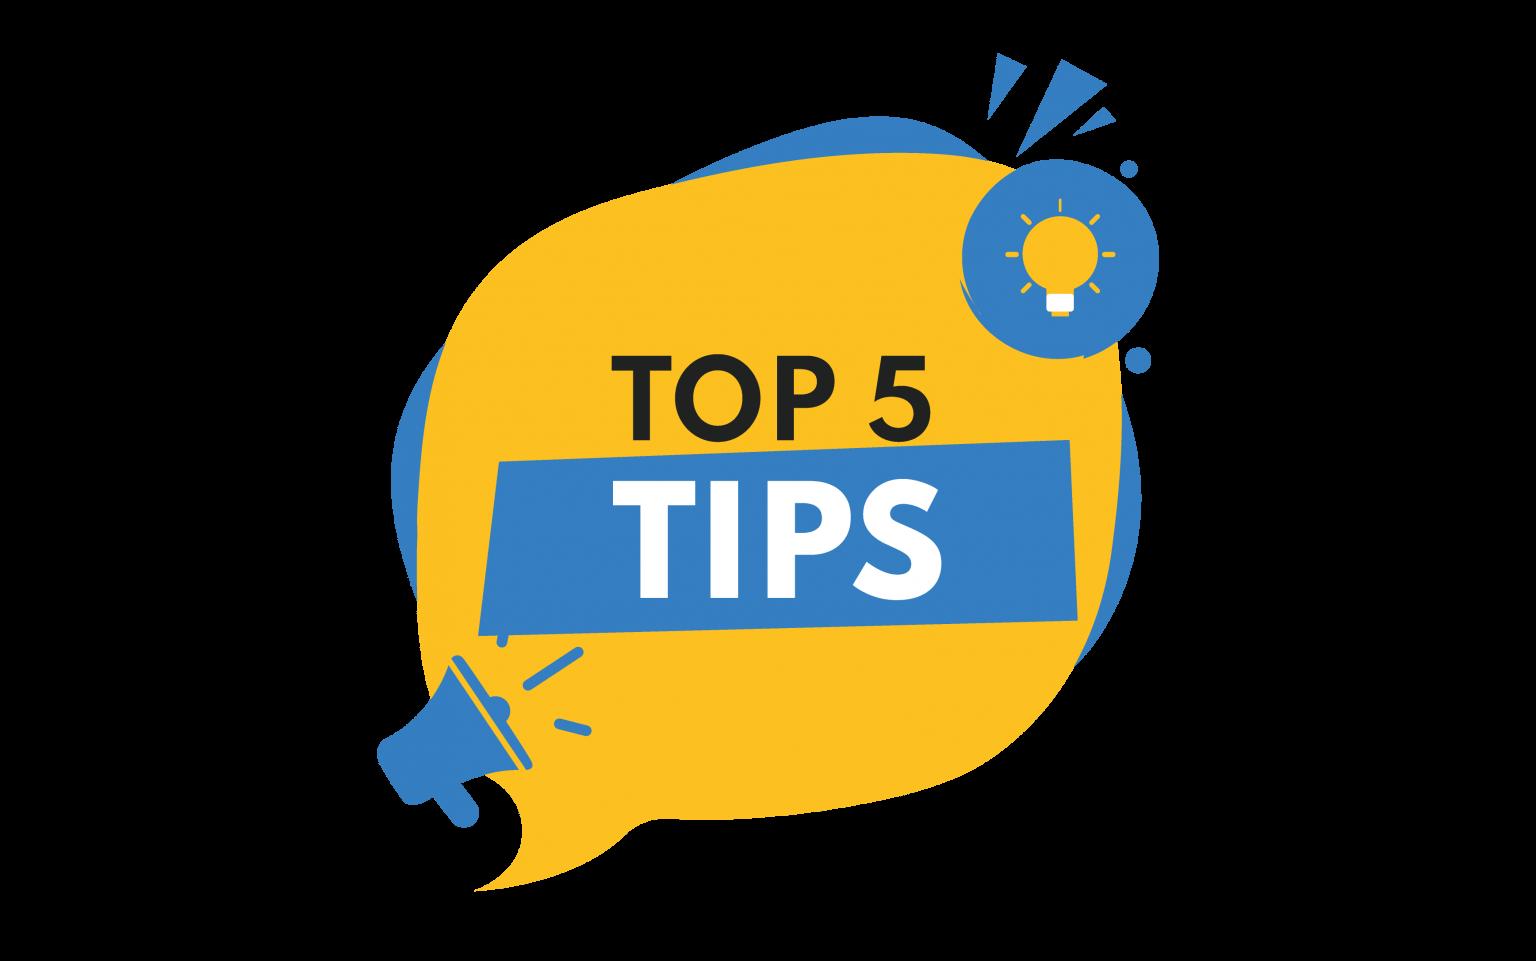 beste gaming toetsenbord top-5-tips-01-1536x961